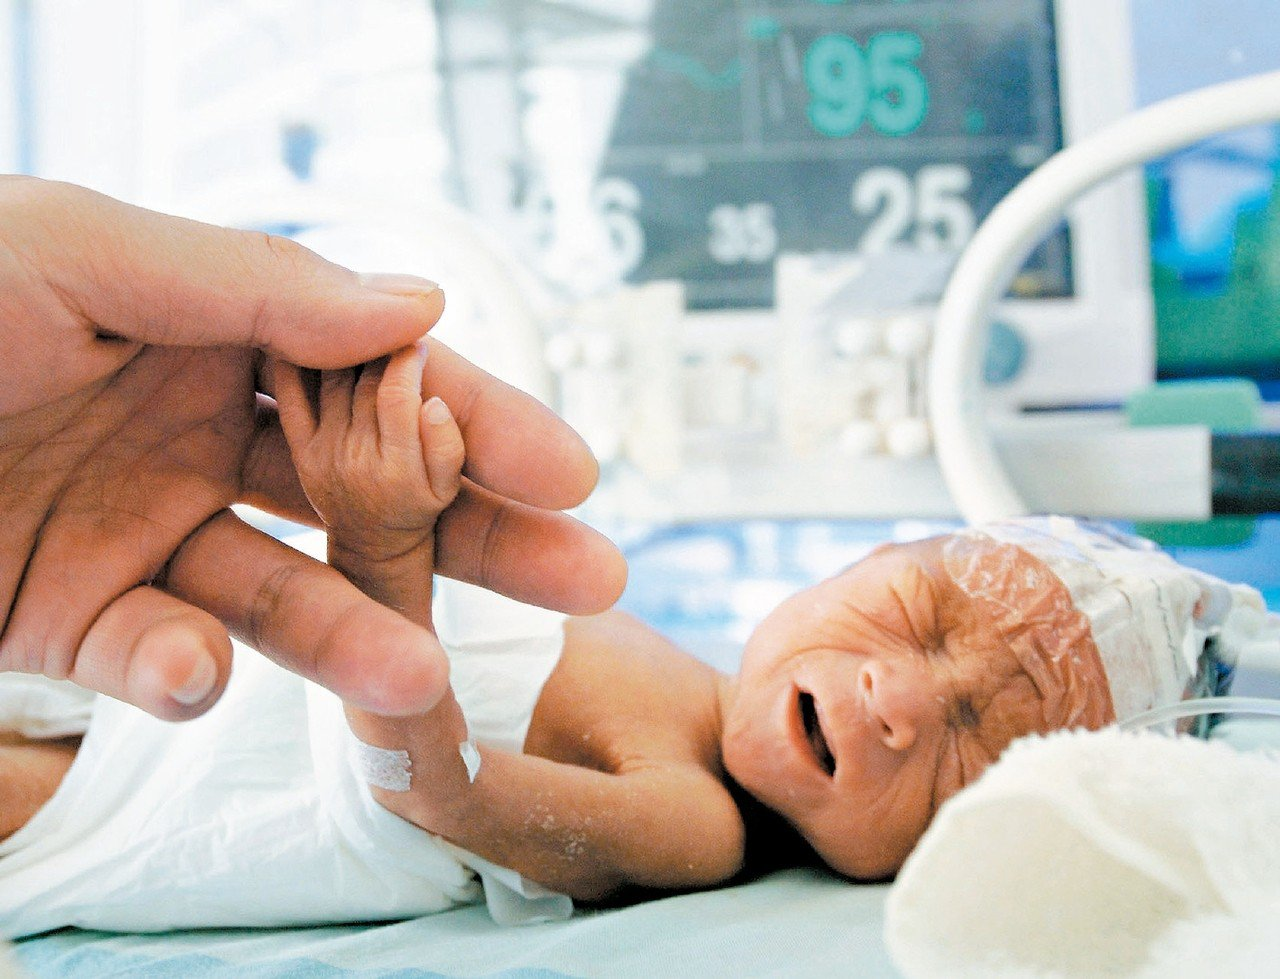 防治孕婦早產與生出低體重,應能減低新生兒死亡率。 圖╱聯合報系資料照片